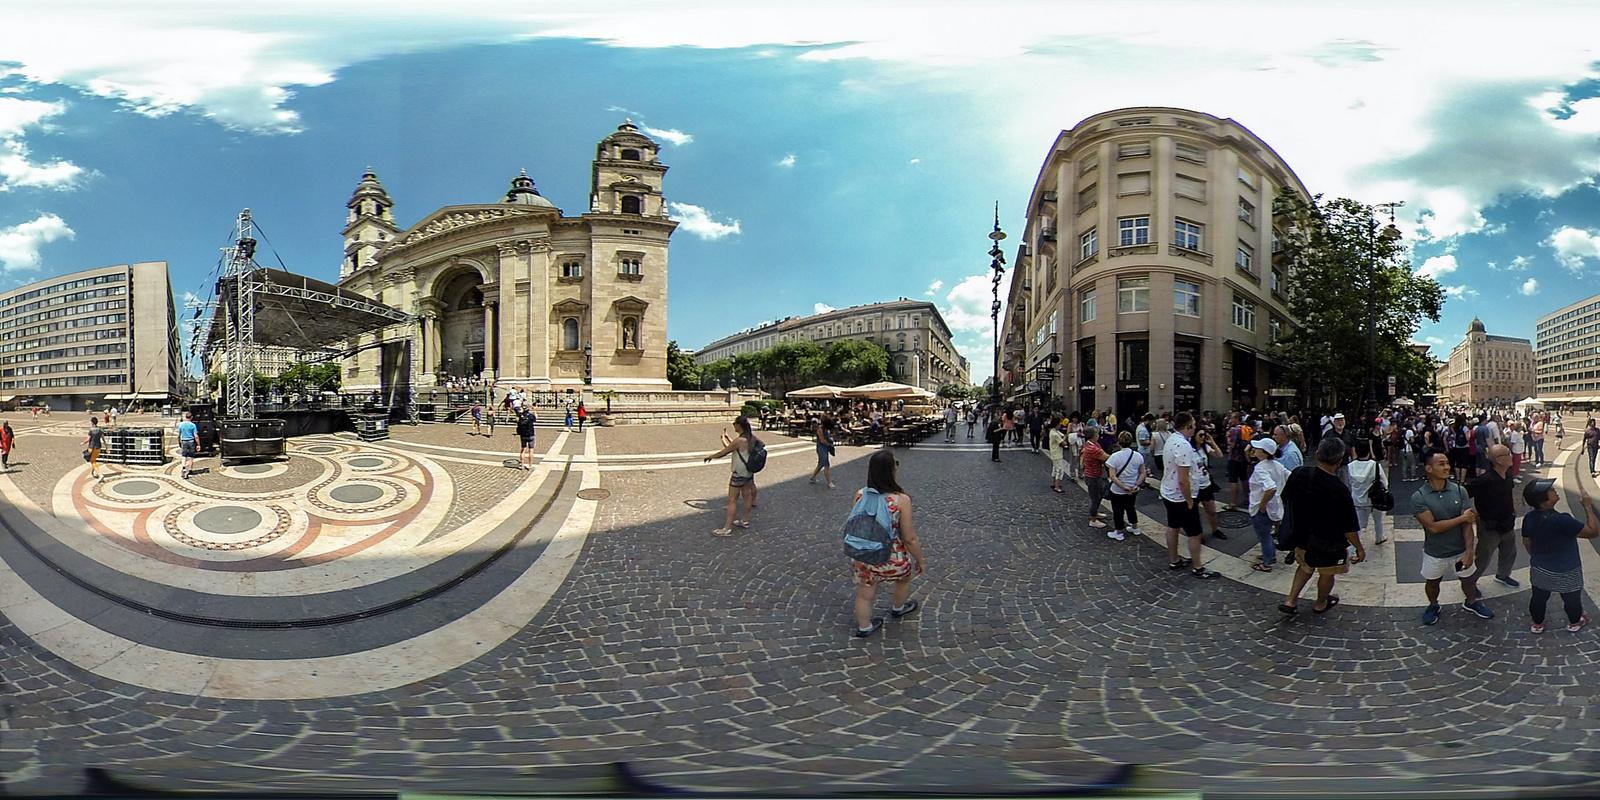 Szent István tér